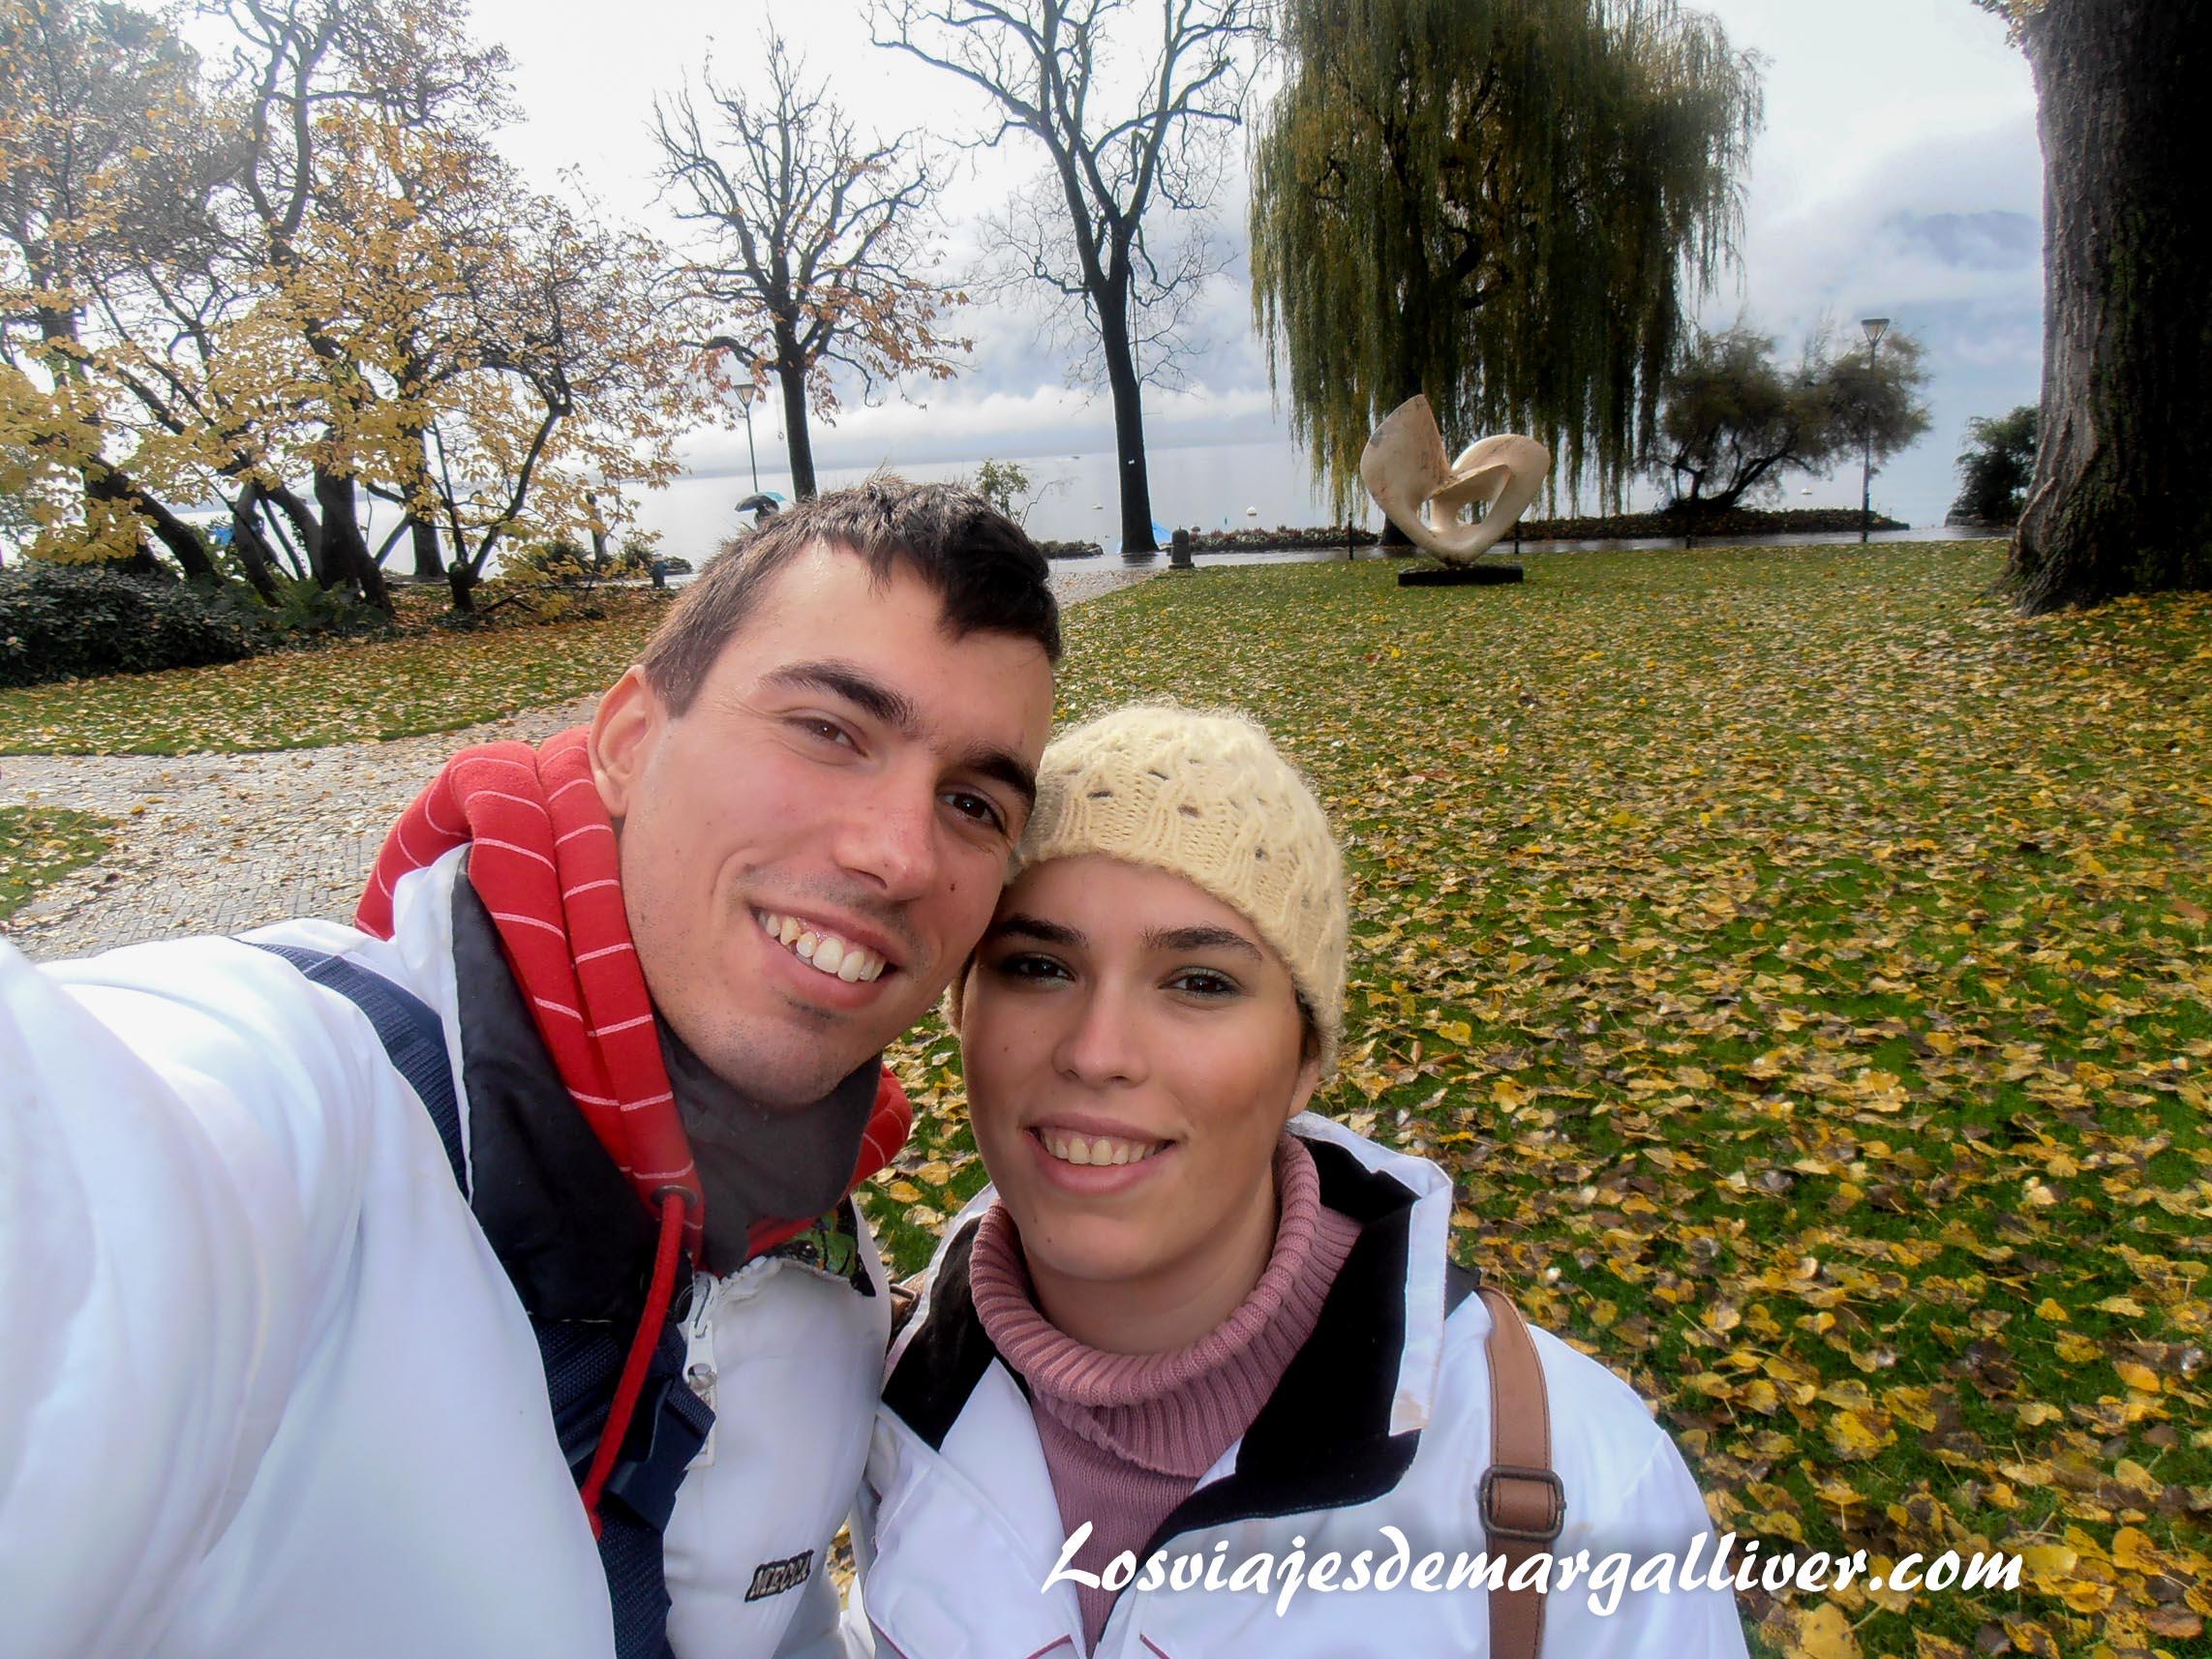 paseando por Montreux, 7 viajes románticos para San Valentín - Los viajes de Margalliver